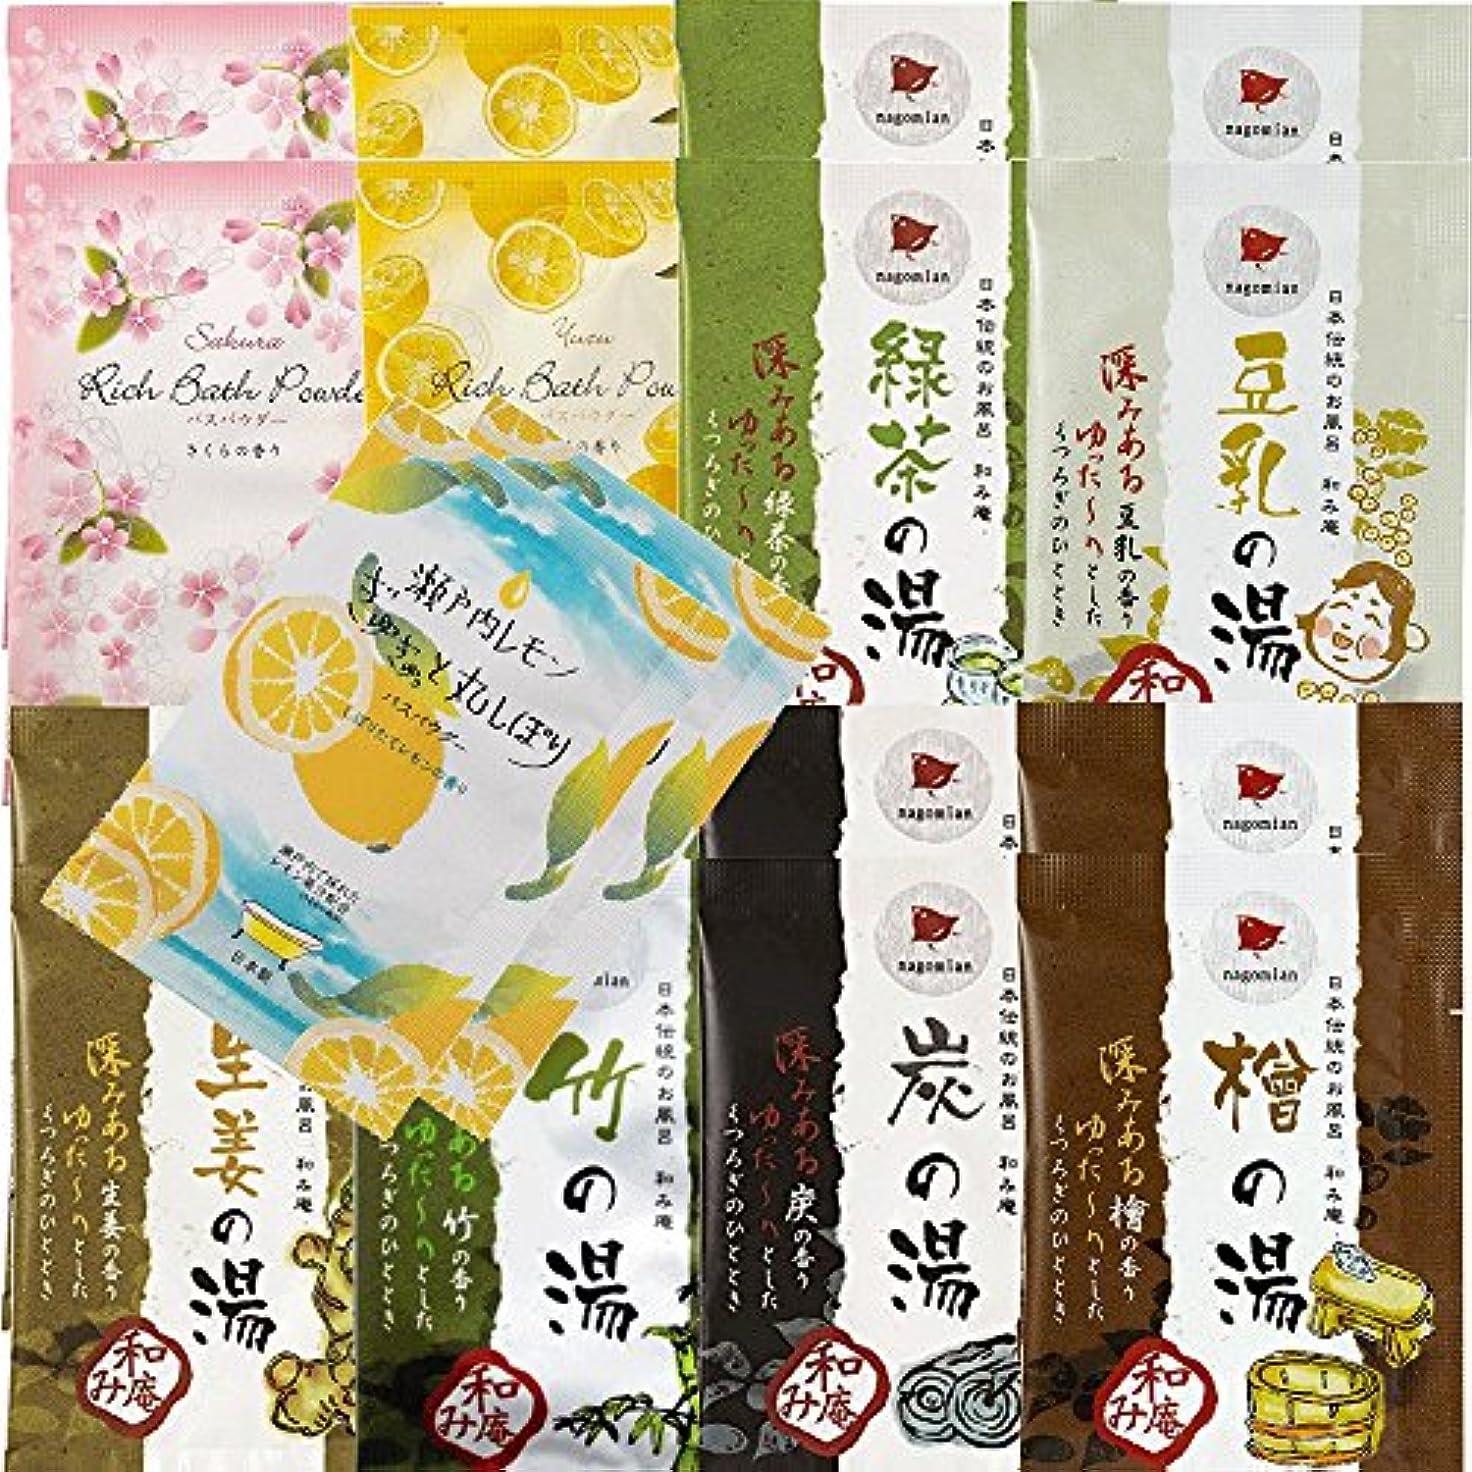 マーカーキャロラインバスケットボール日本伝統のお風呂 和み庵 6種類×2 + バスパウダー 3種類×2セット 和風入浴剤 18包セット